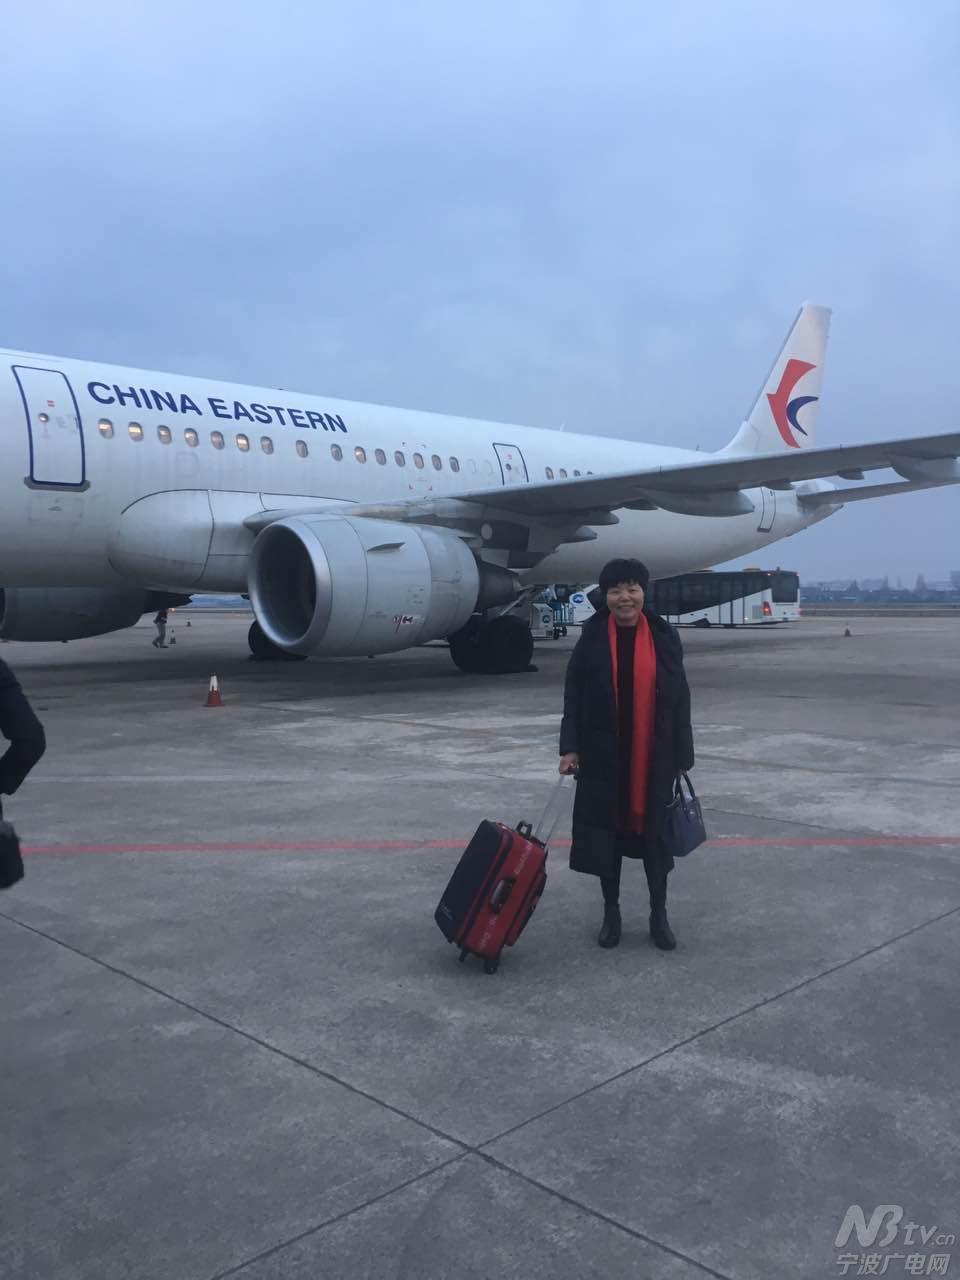 俞复玲出发去北京了-宁波广电网